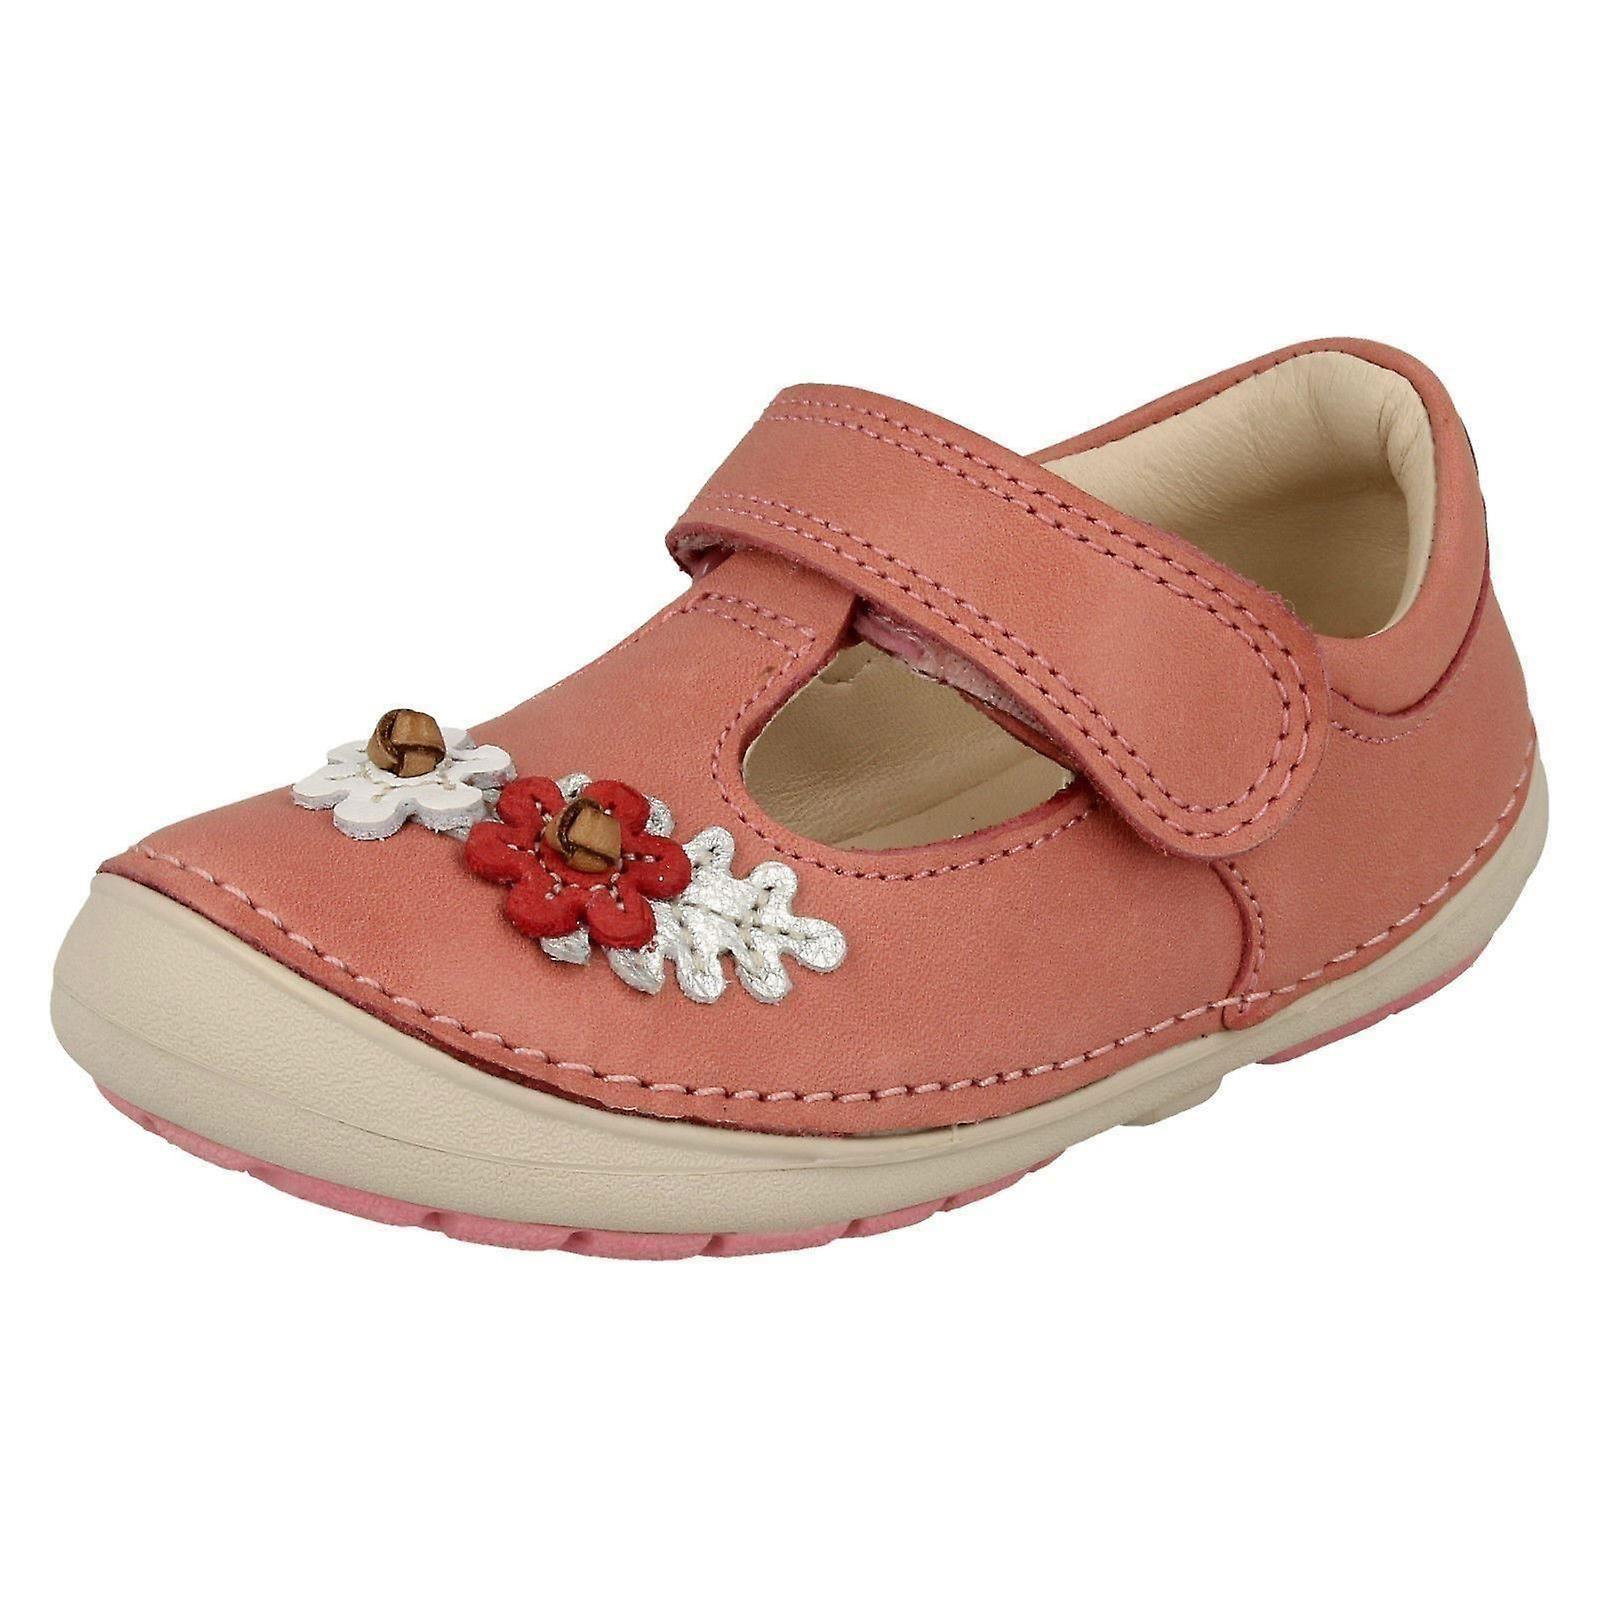 Première de Clarks filles chaussures de marche doucement s'épanouir